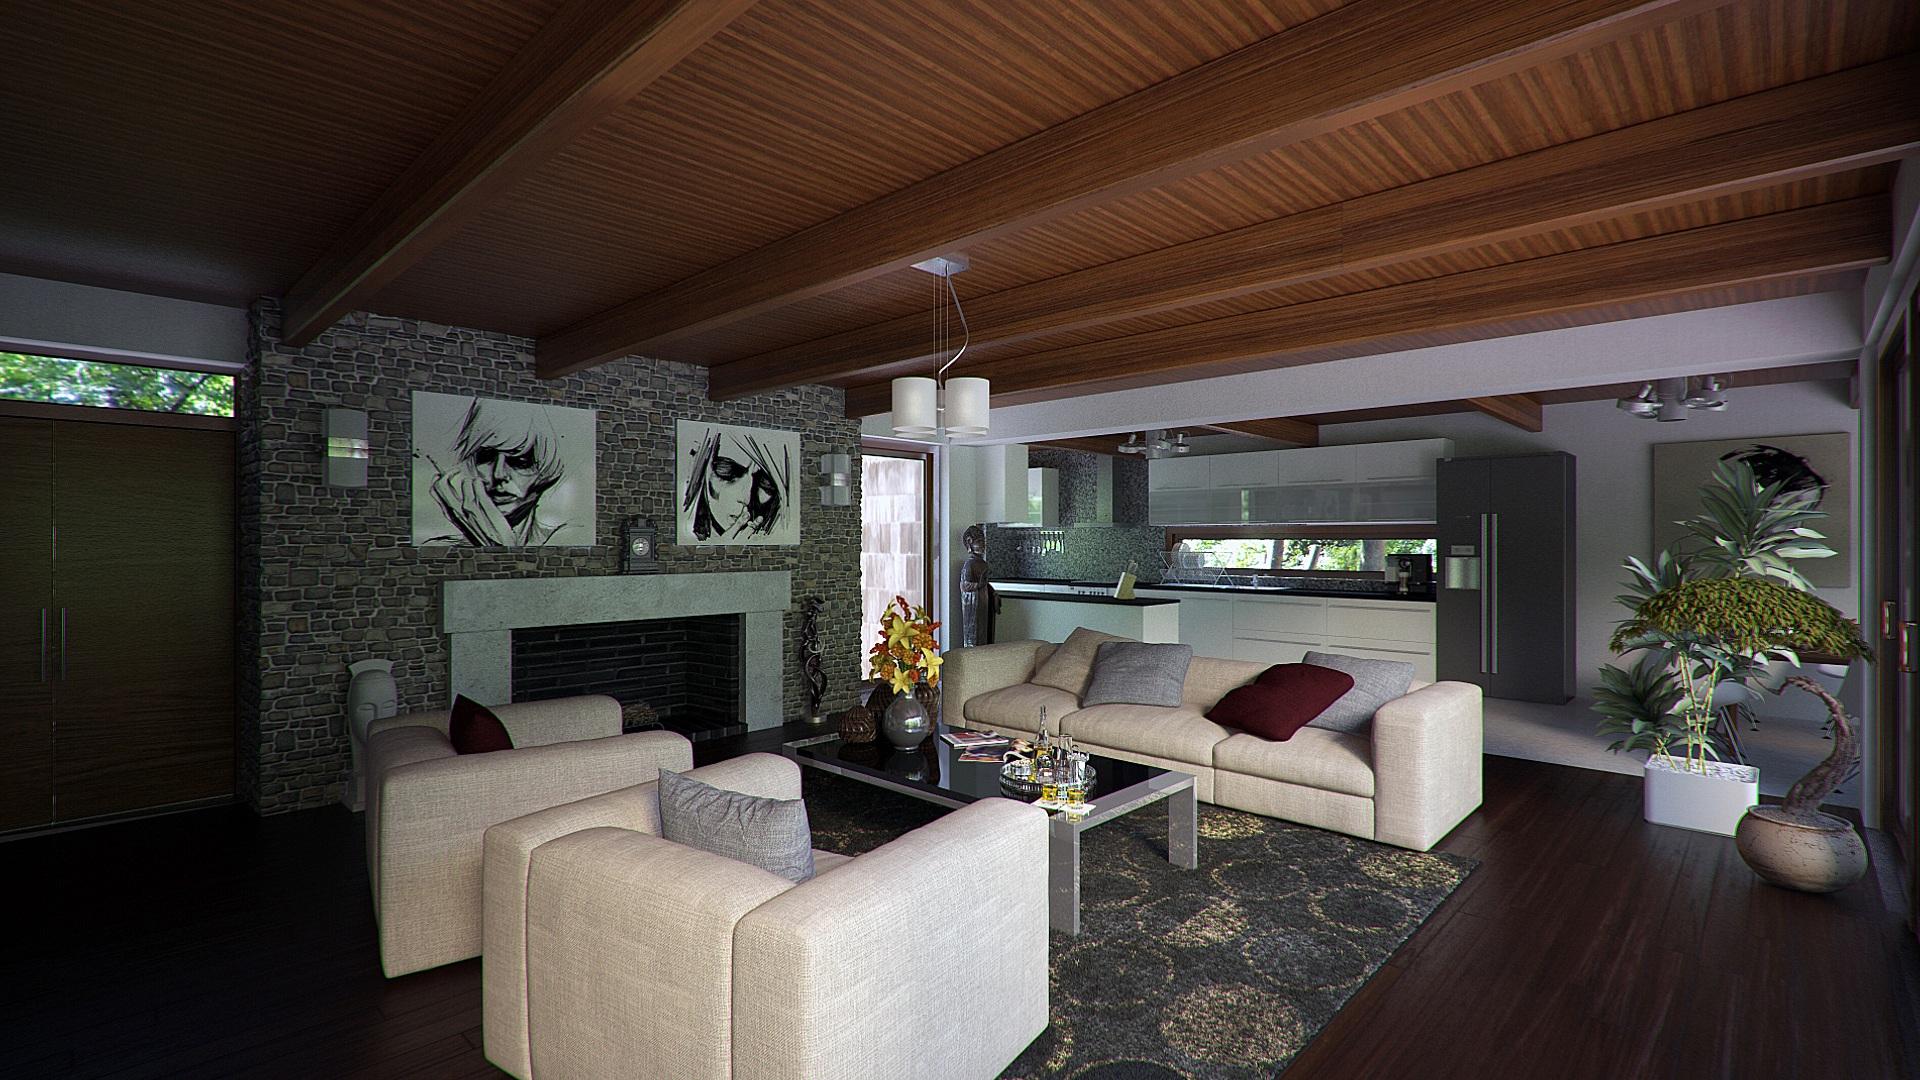 Kostenlose foto : die Architektur, Villa, Haus, Gebäude, Zuhause ...